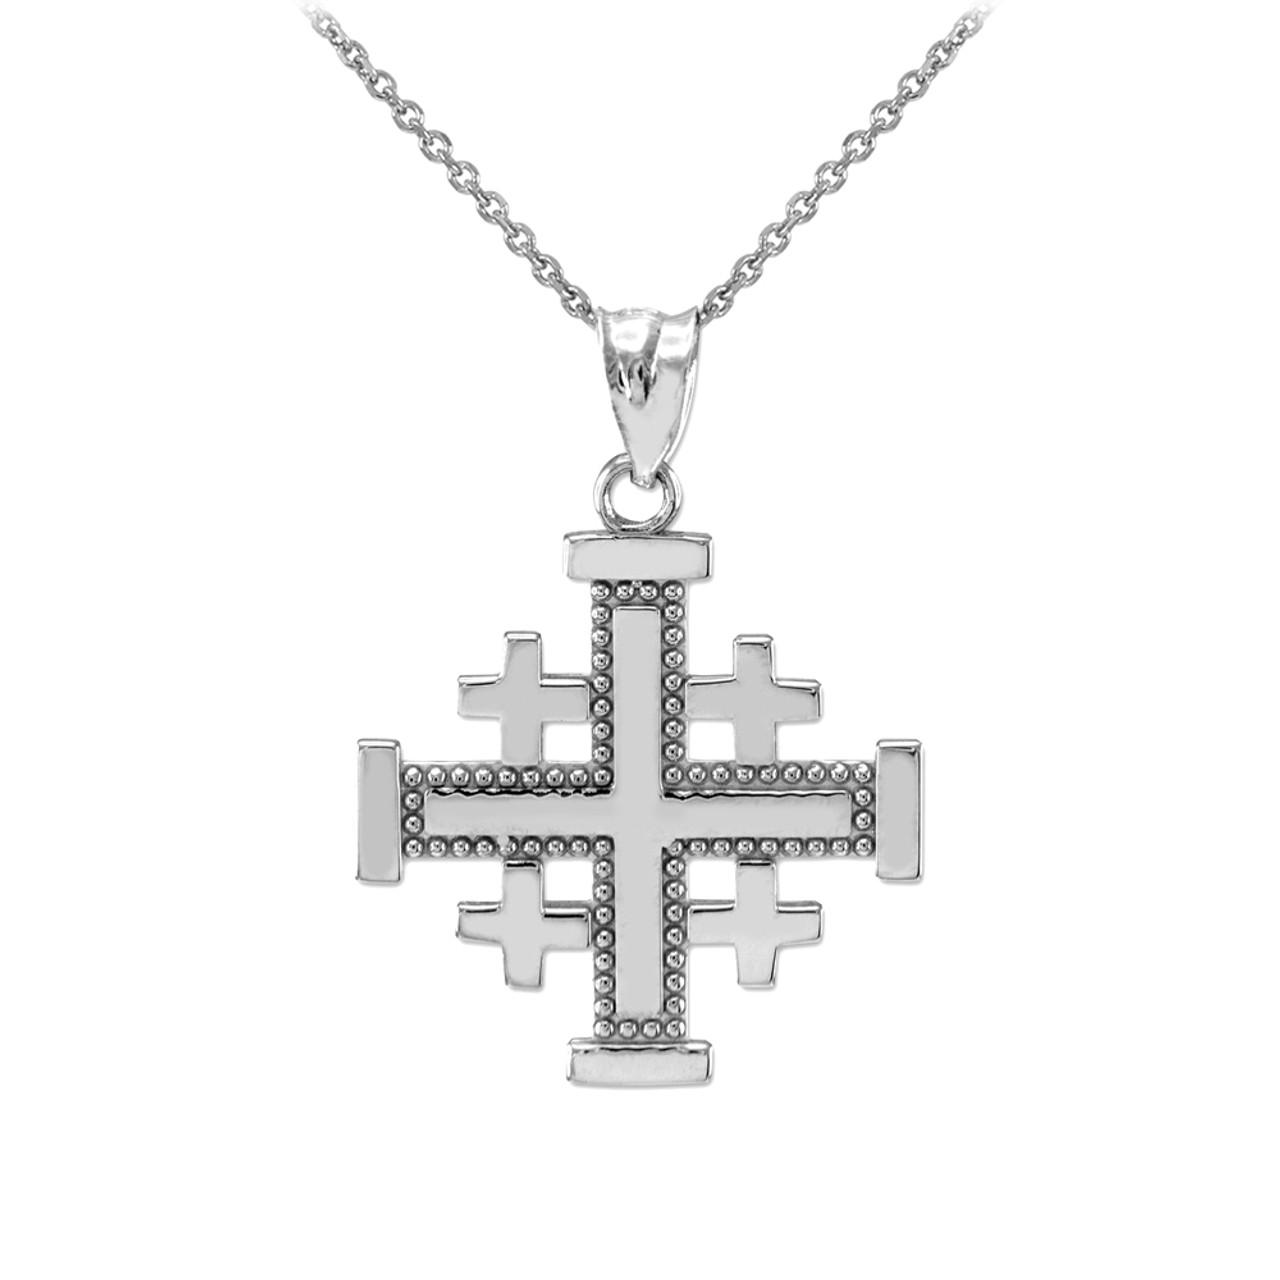 Sterling silver jerusalem cross pendant sterling silver jerusalem cross pendant necklace aloadofball Images